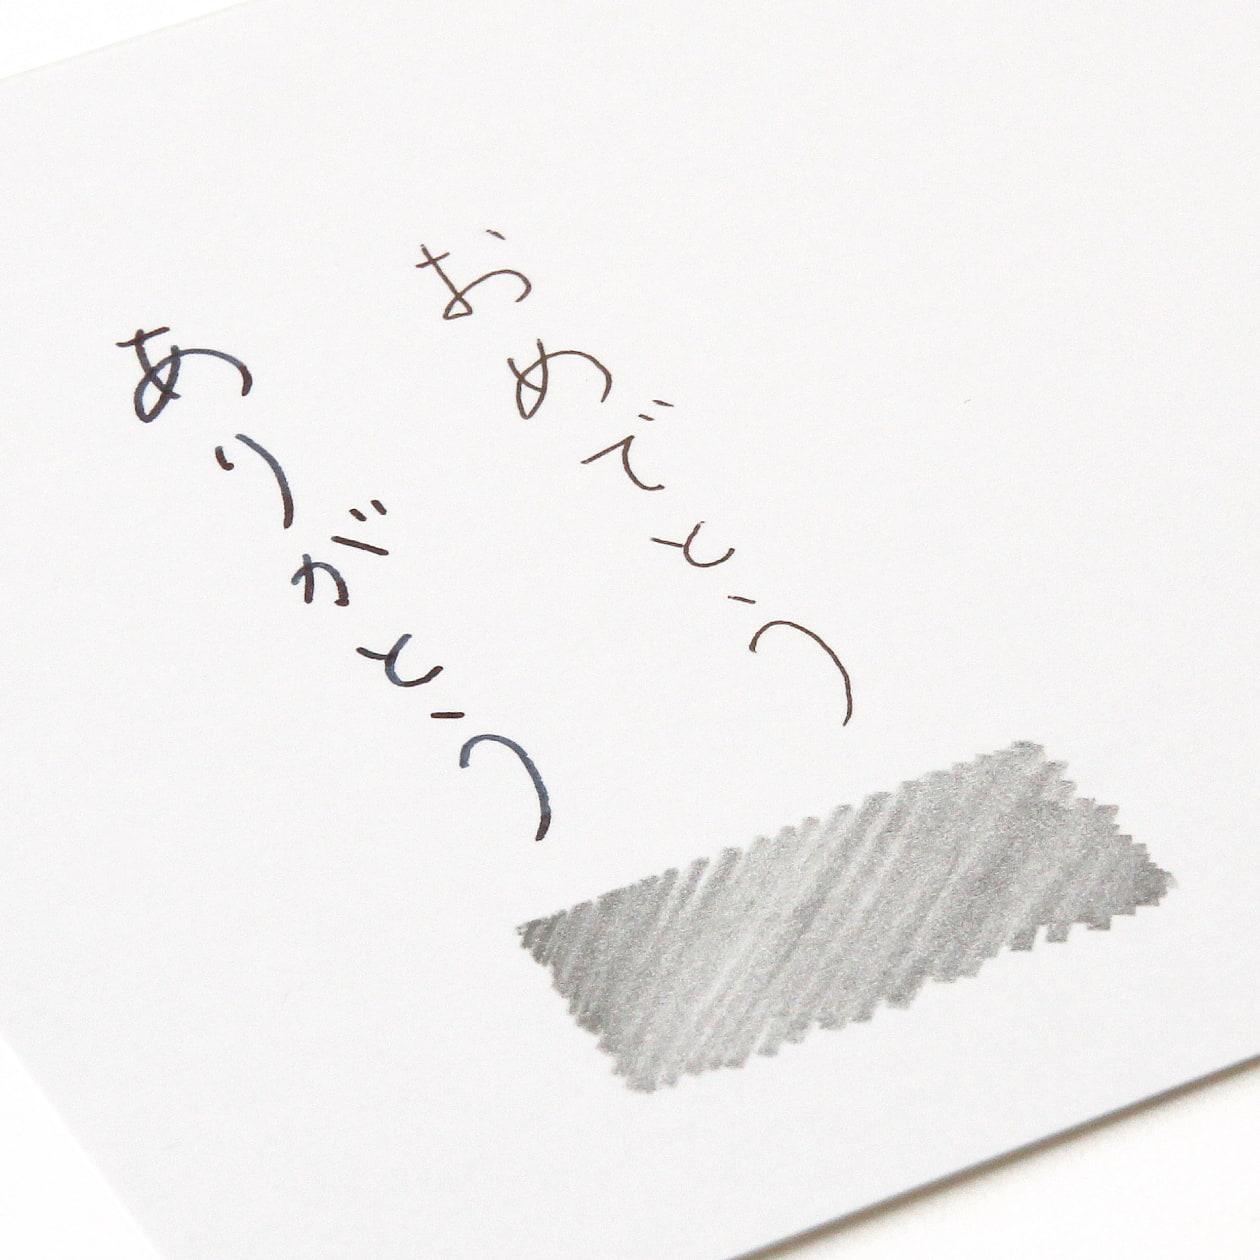 洋1ダイア封筒 クラウド 127.9g